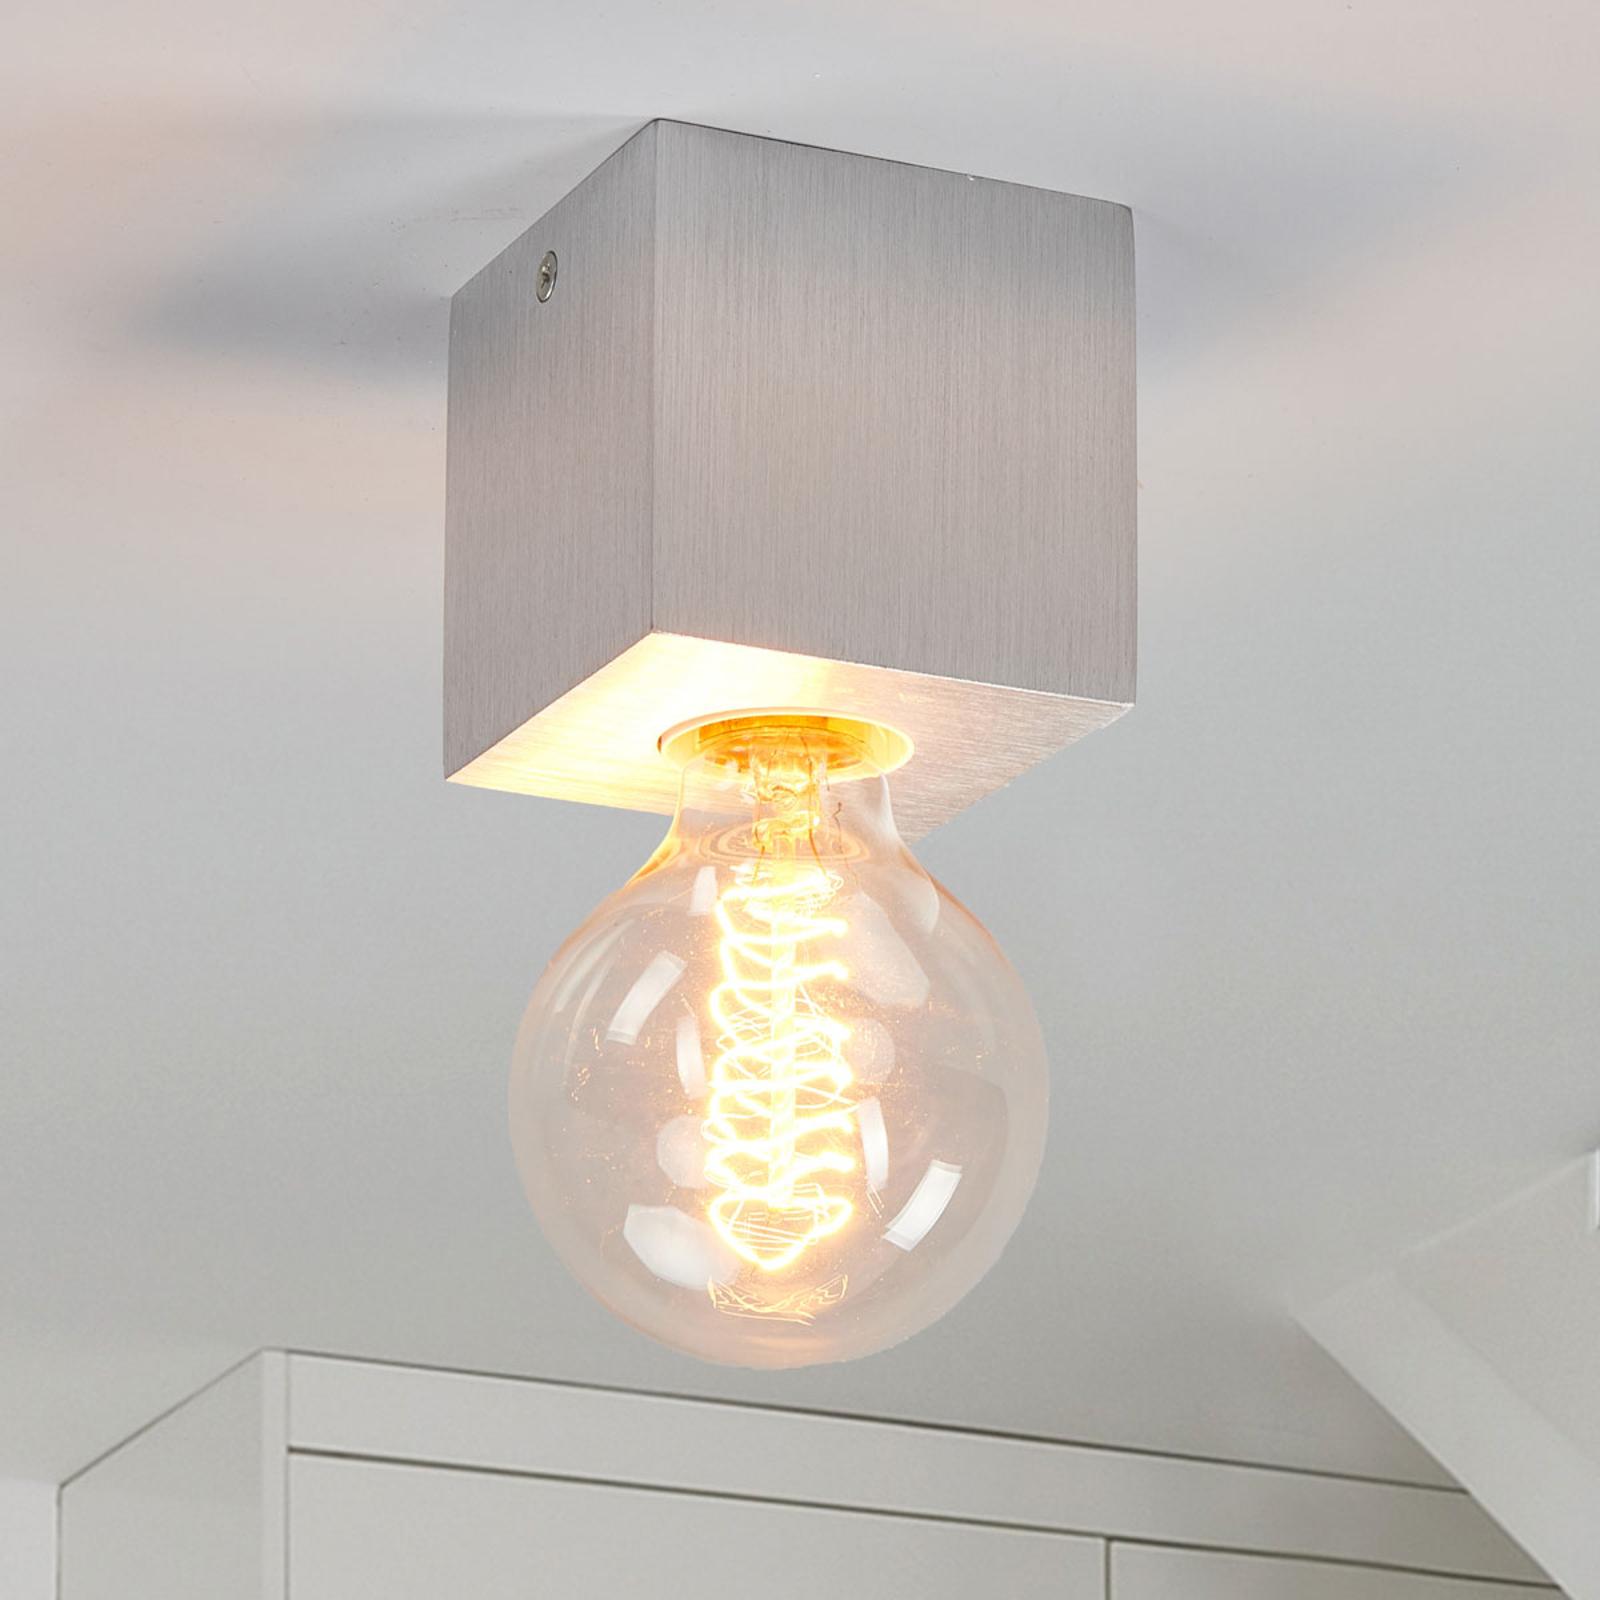 Lampa sufitowa Cubic z aluminium